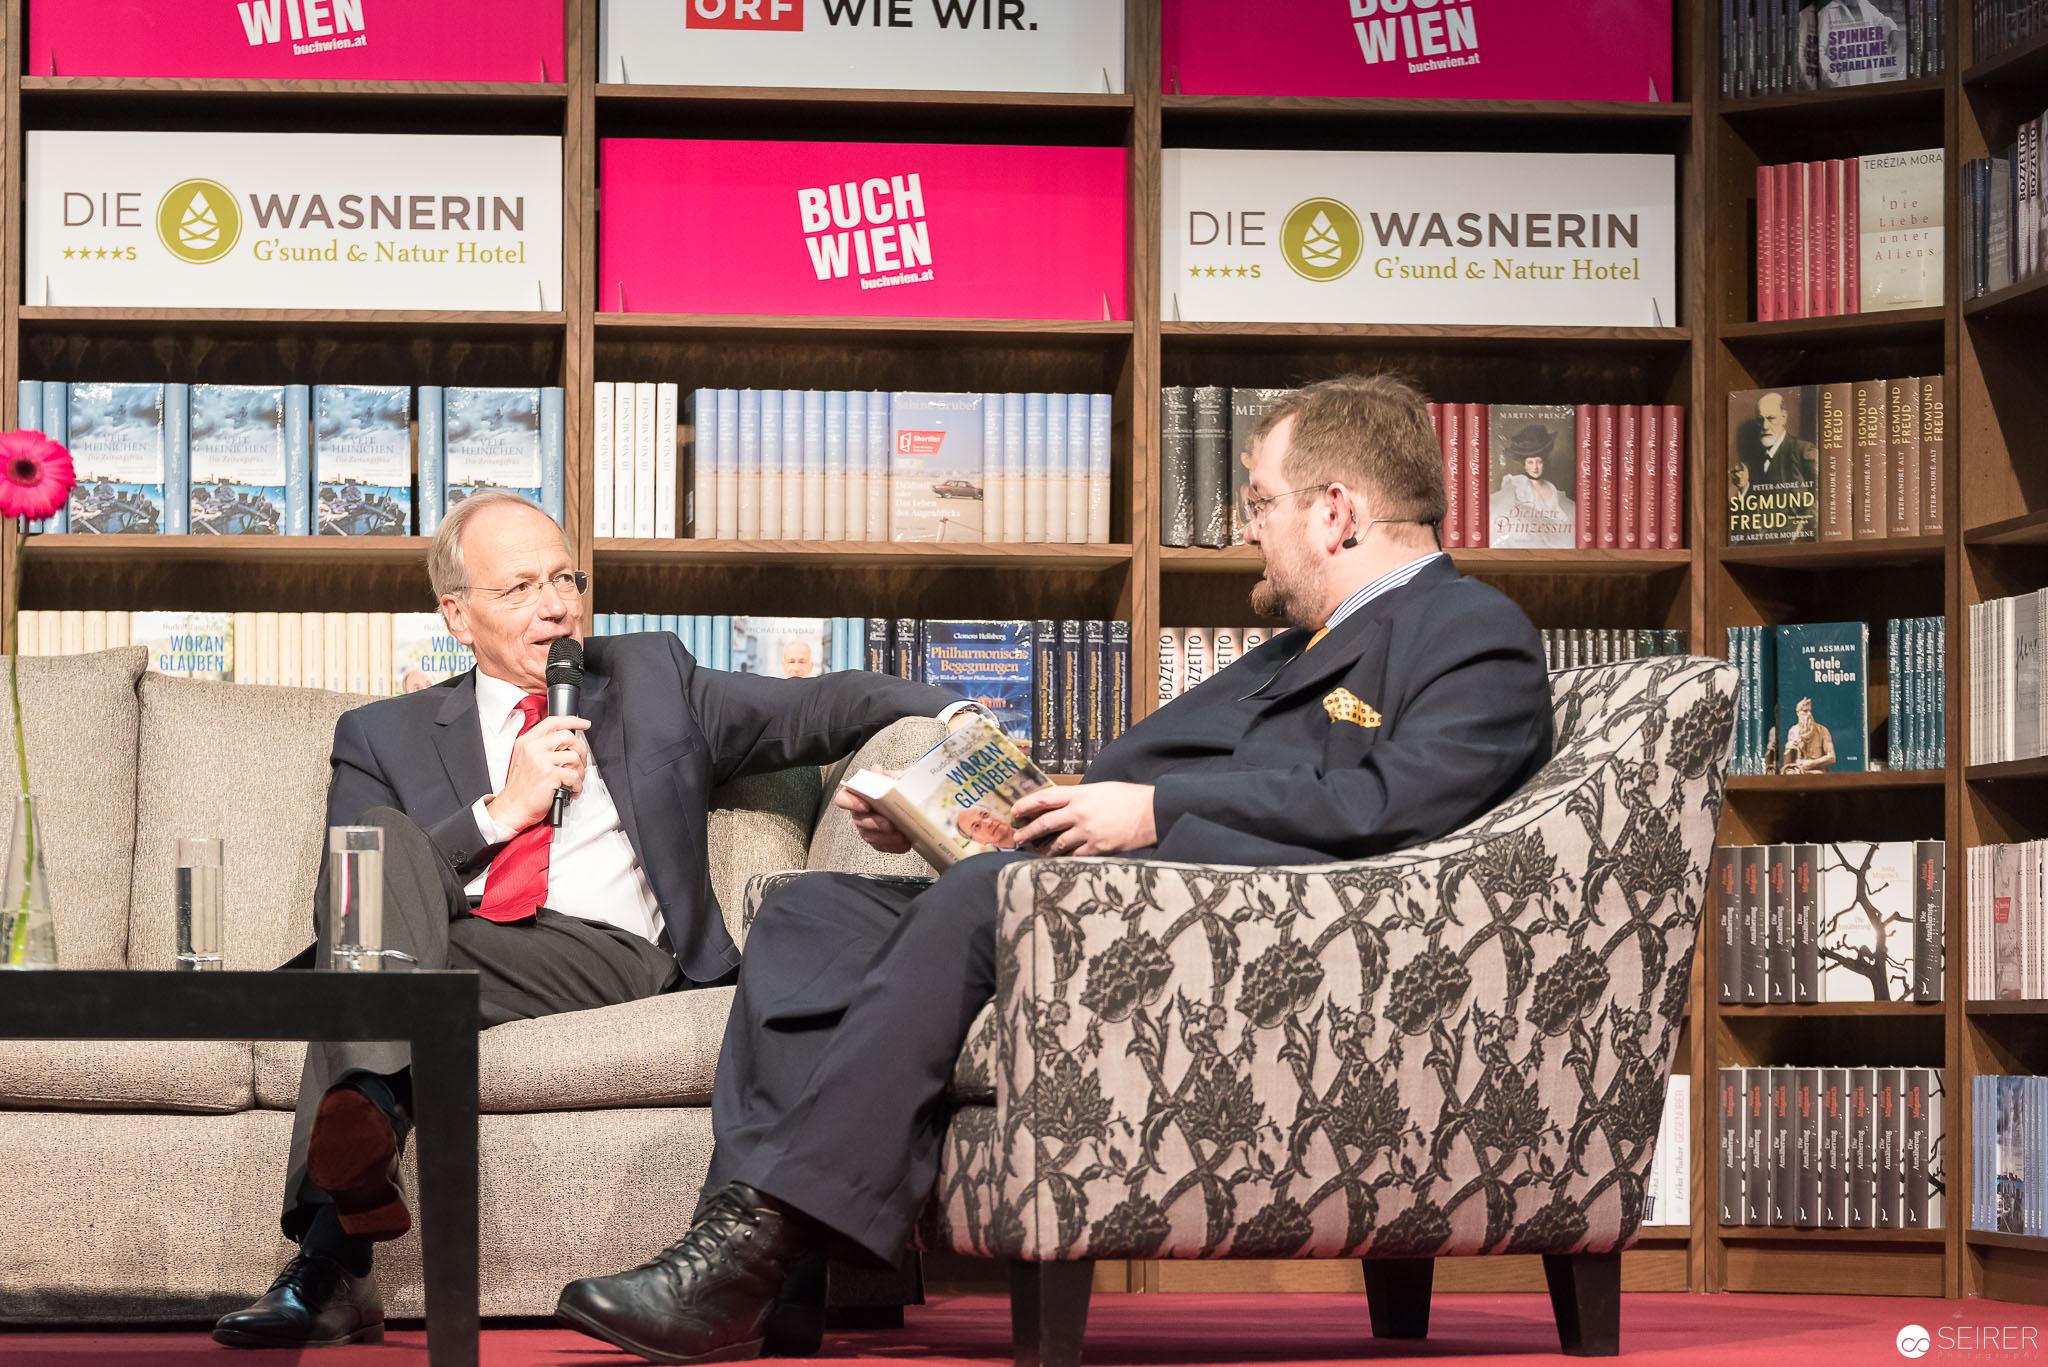 2016-11-12_buch_wien_rudolf_taschner_martin_haidinger_0552.jpg